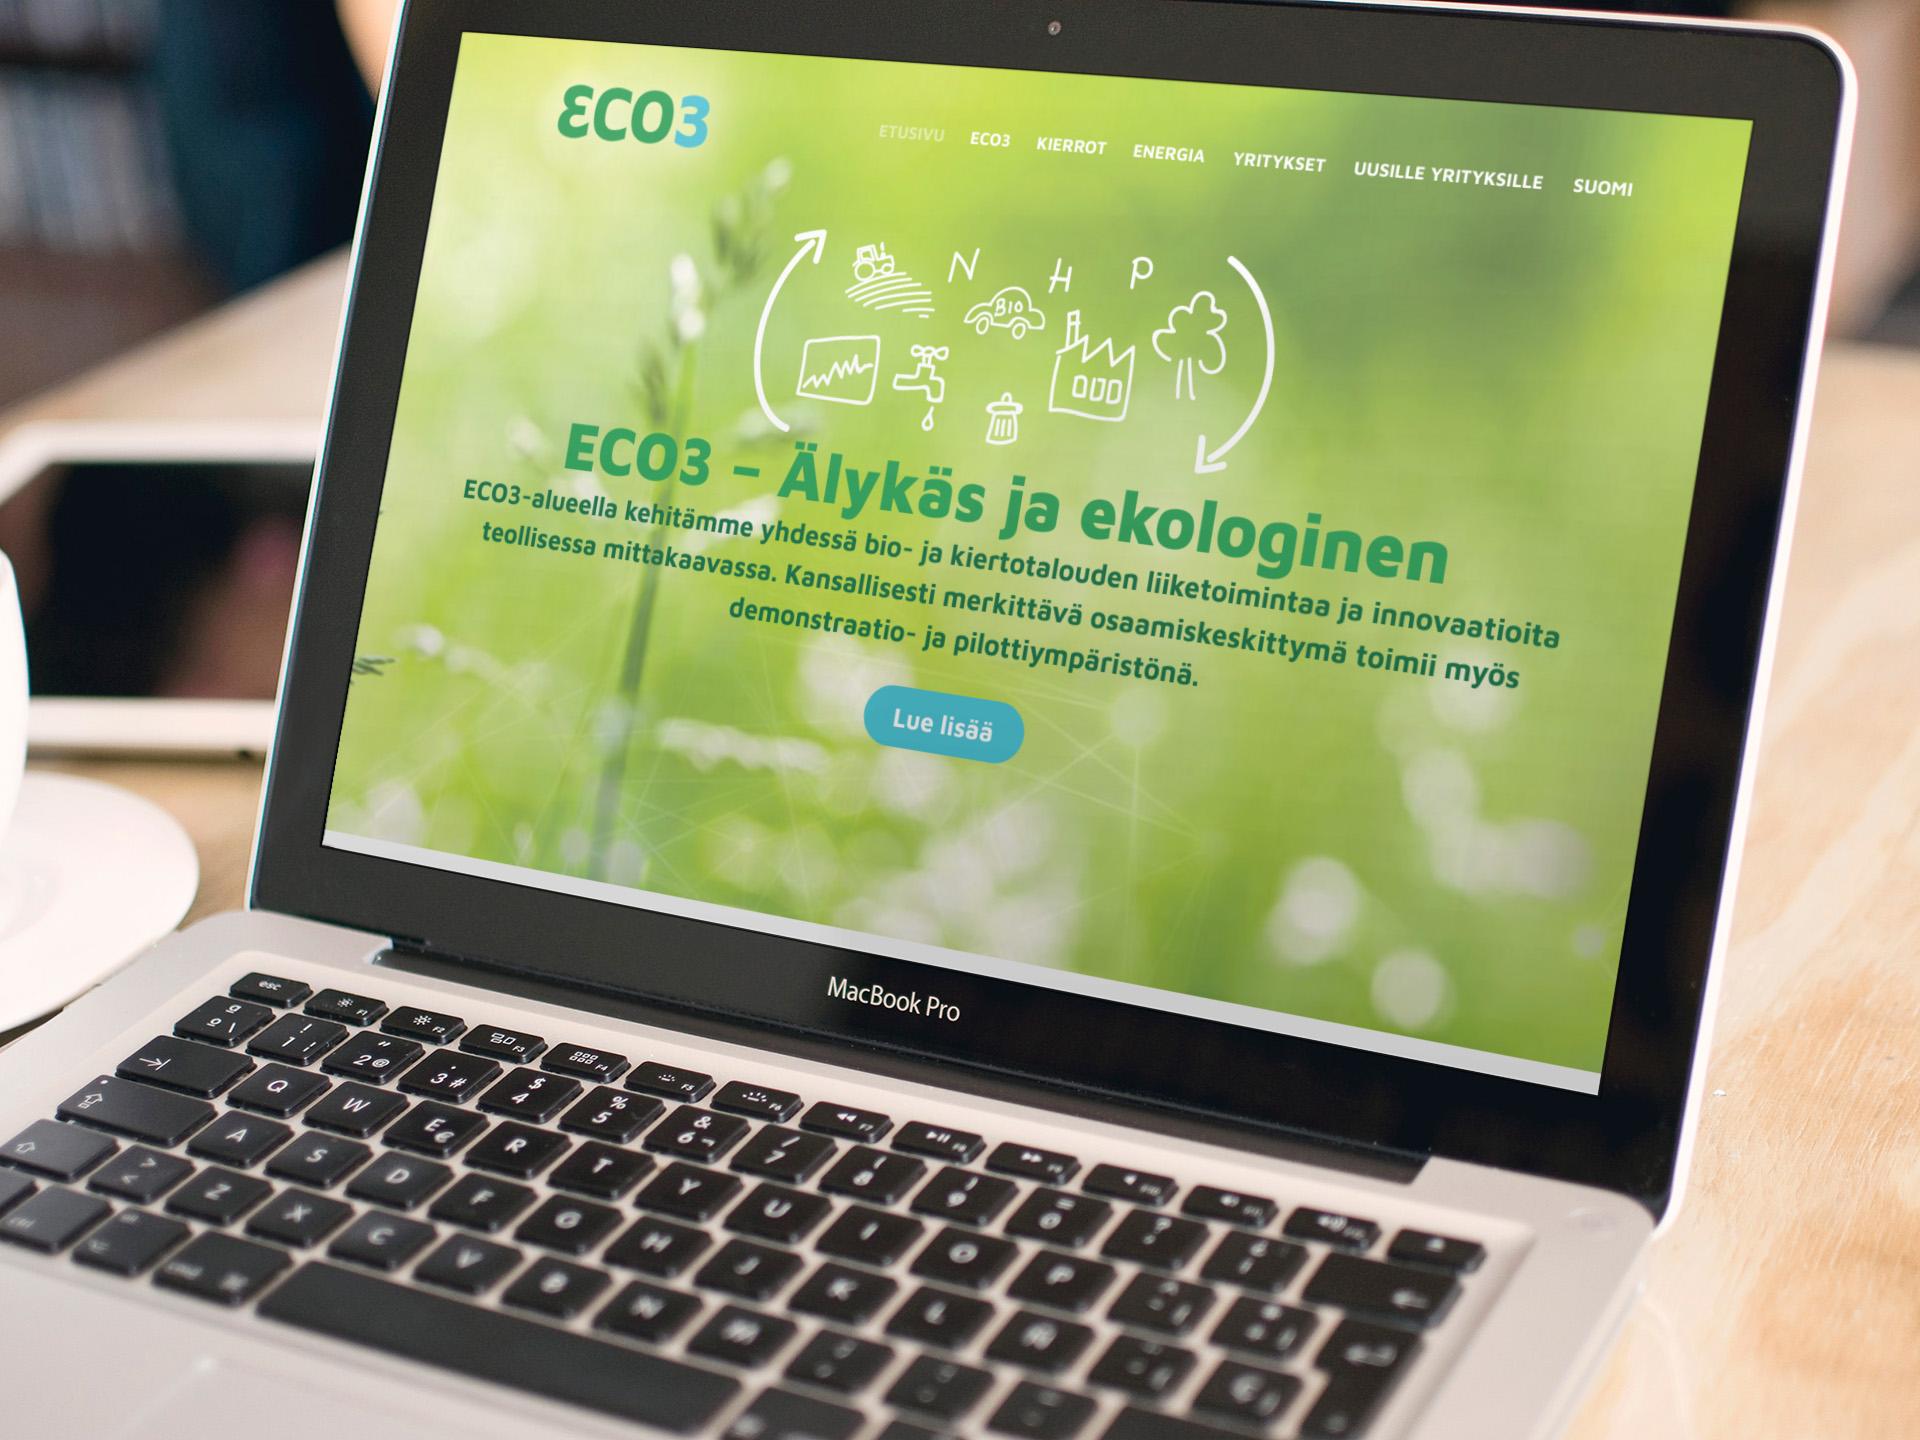 Eco3.fi sivuston etusivu MacBook Pron näytöllä.